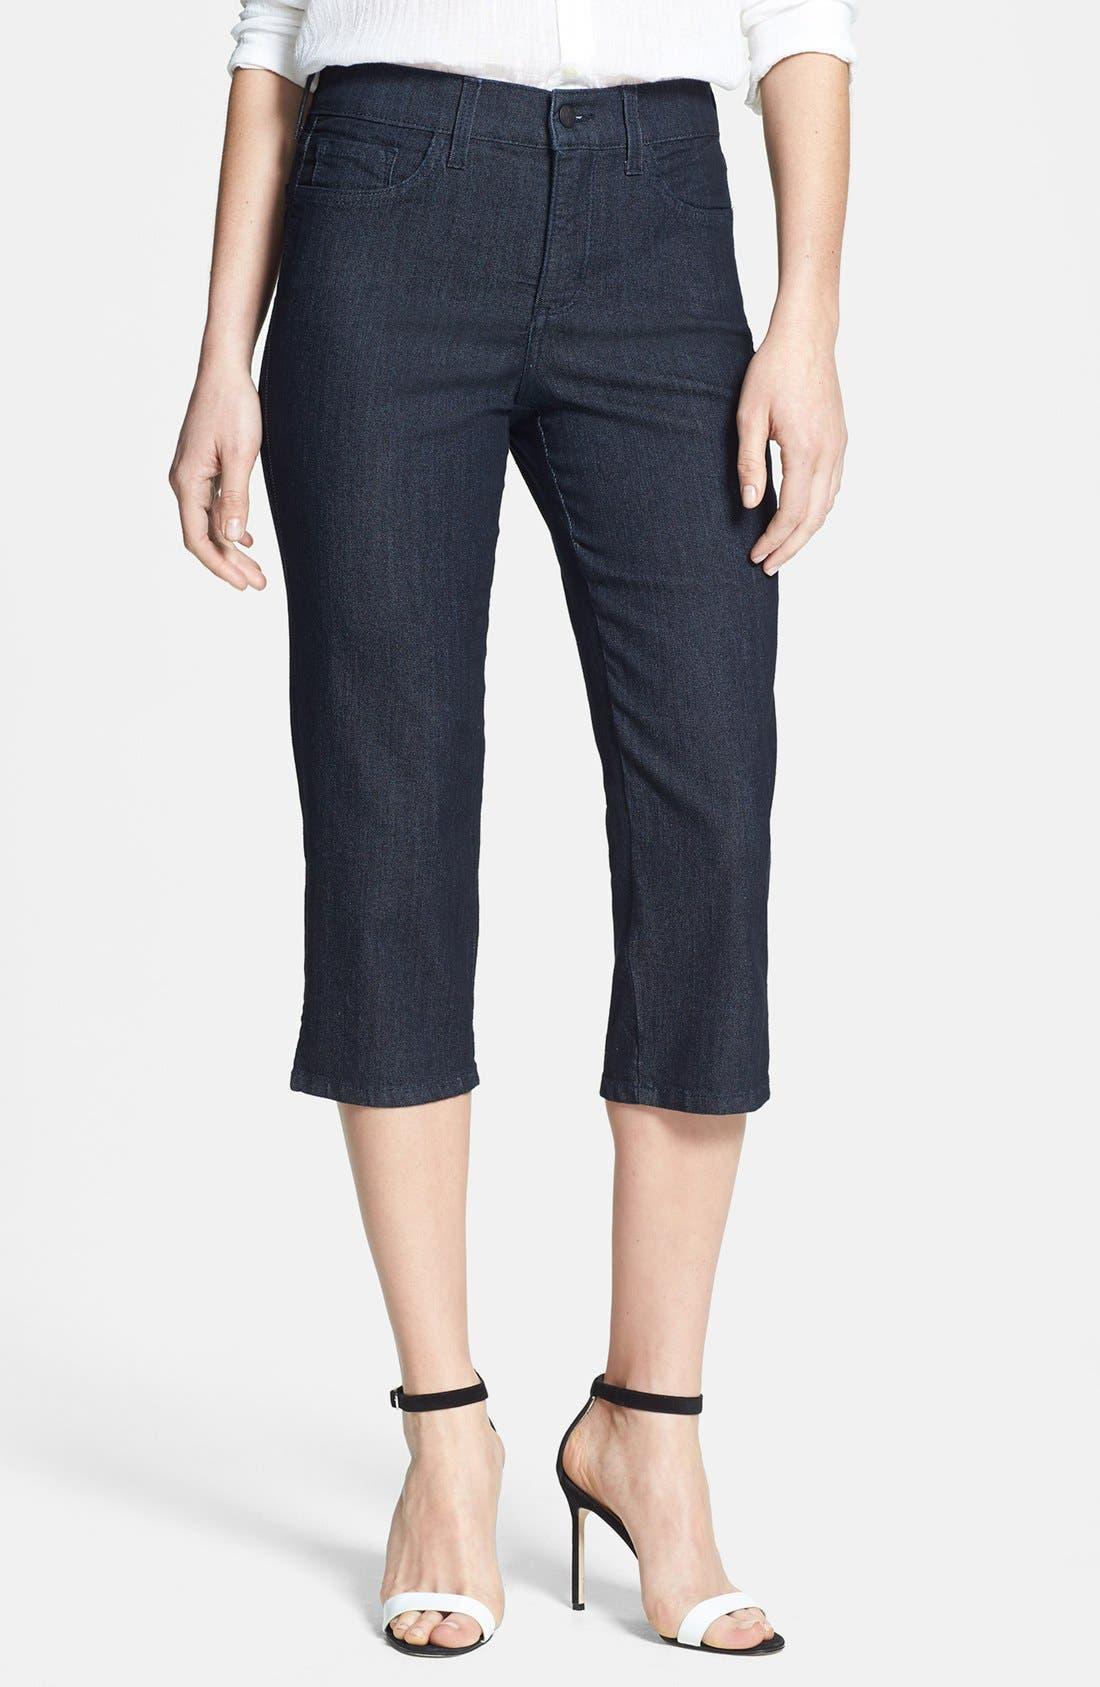 Main Image - NYDJ 'Hayden' Stretch Denim Crop Jeans (Dark Enzyme) (Petite)